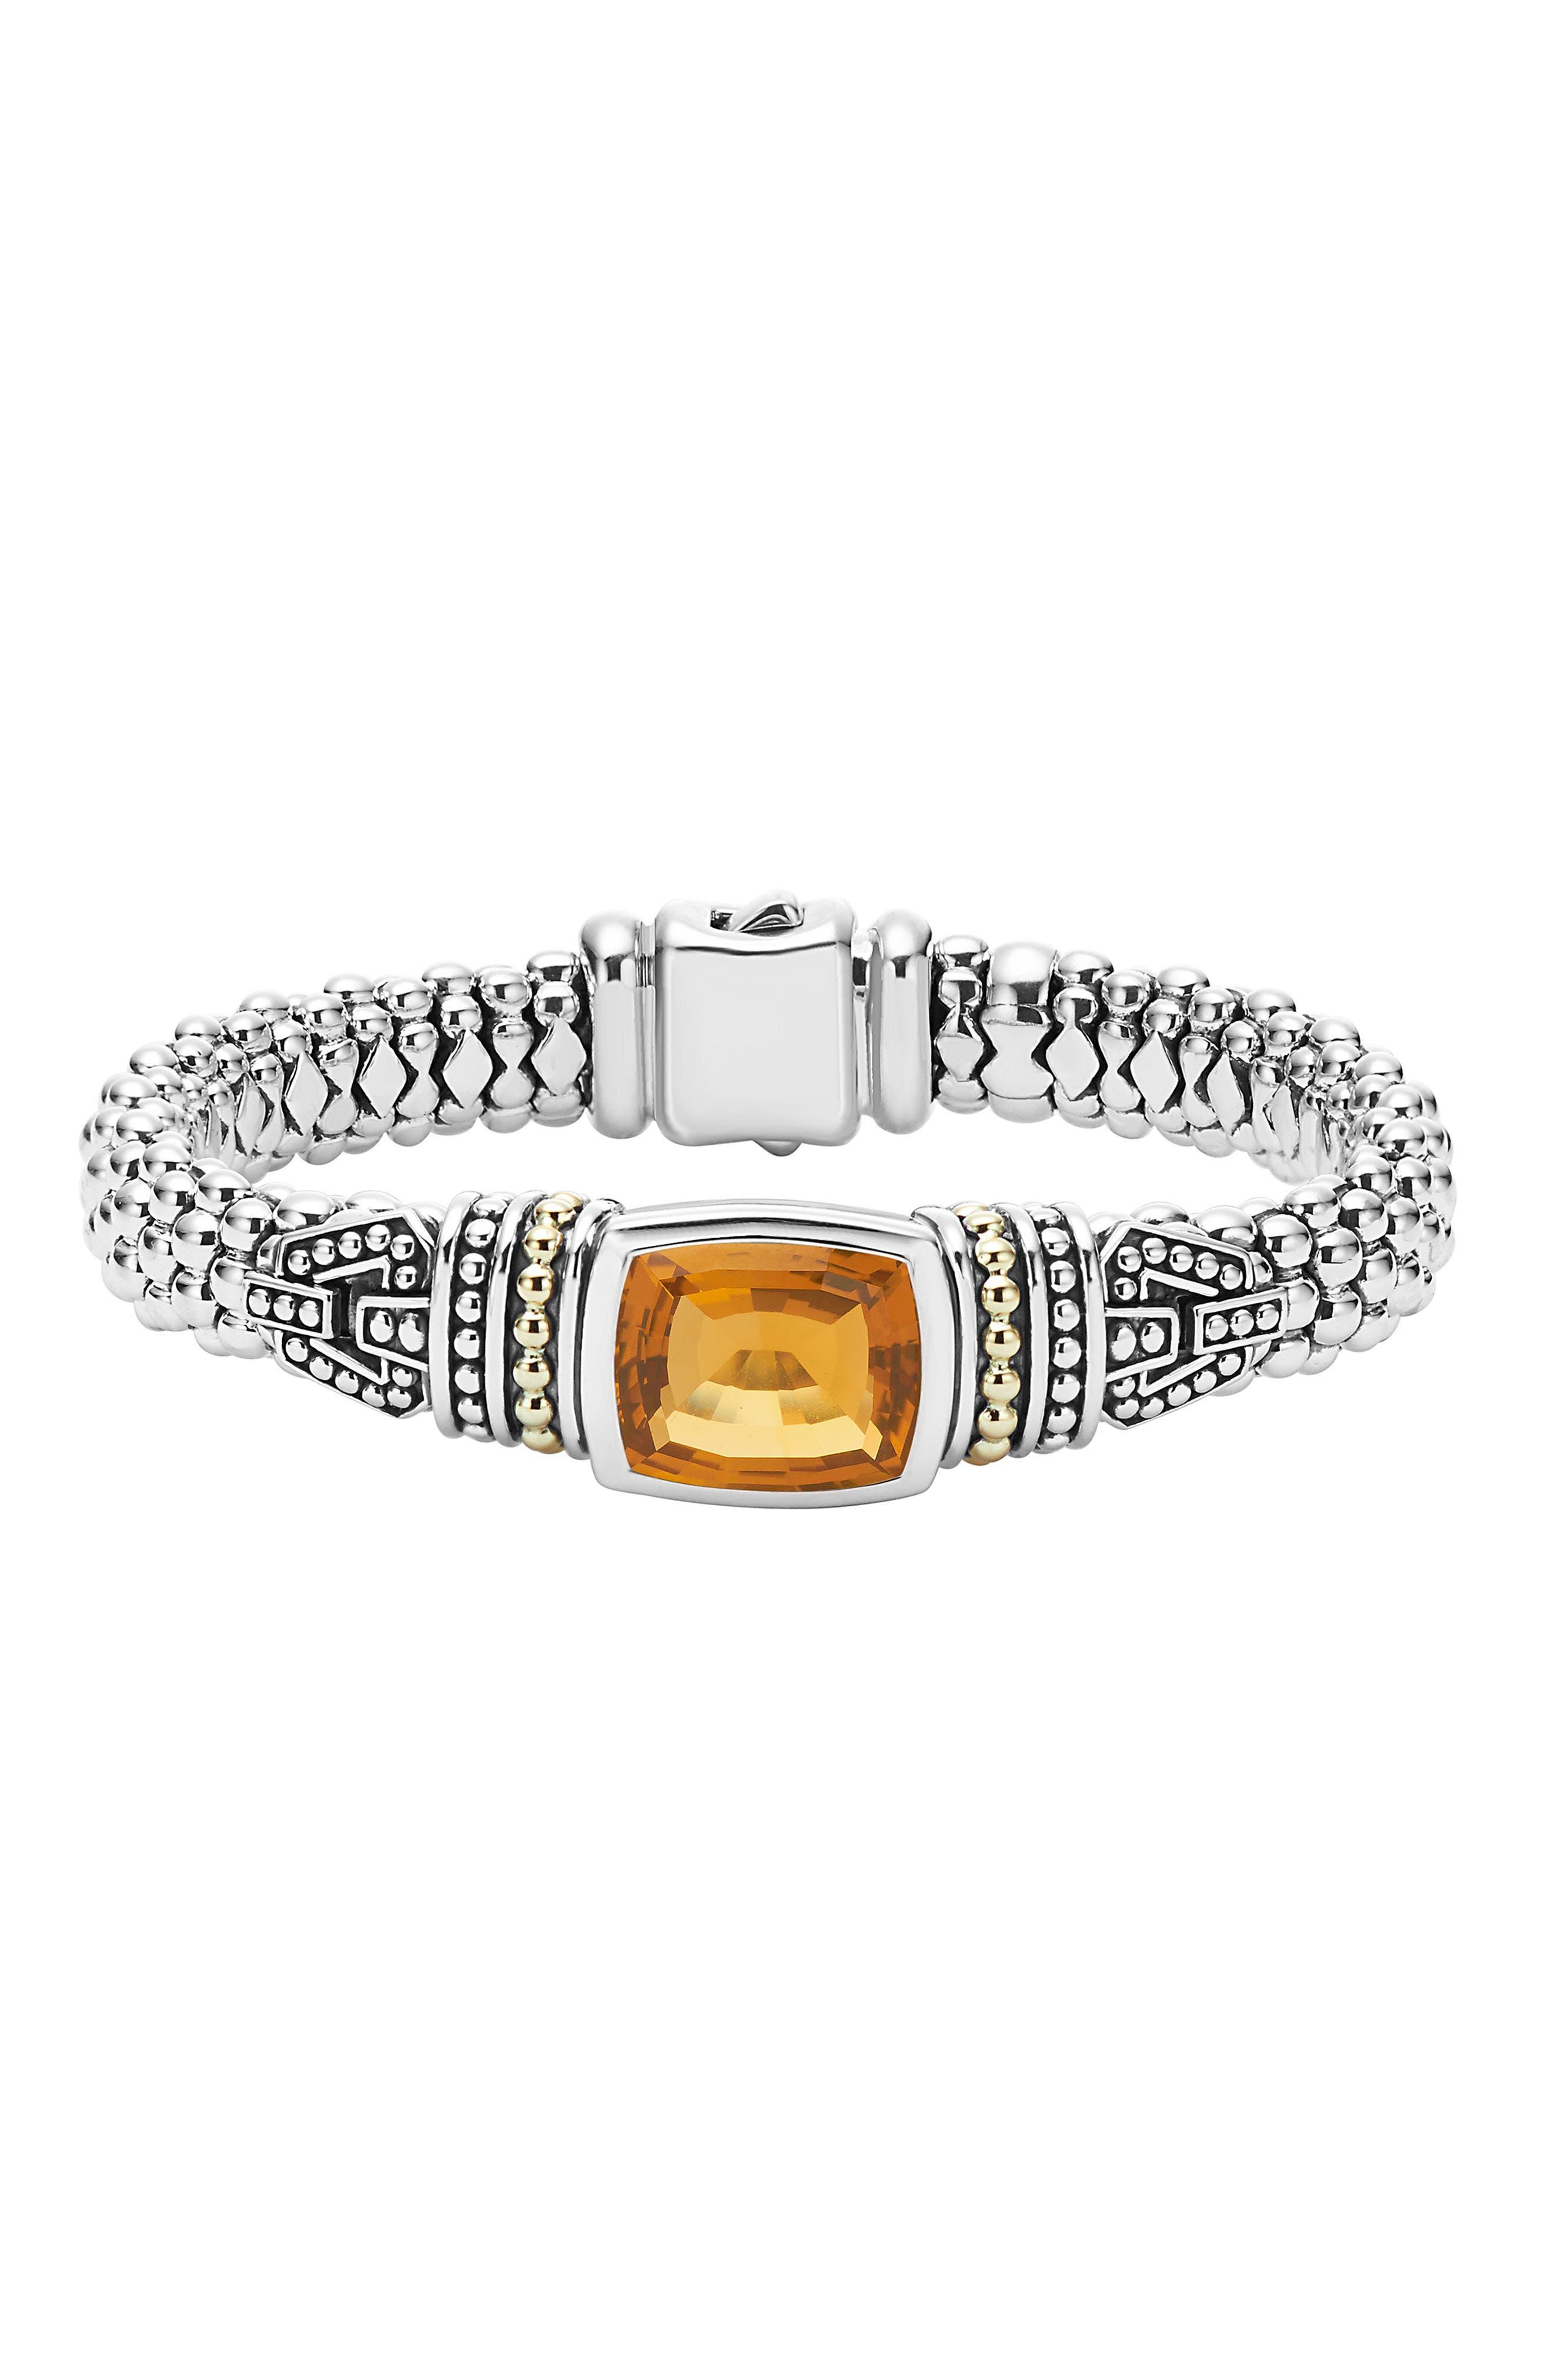 LAGOS 'Caviar Color' Semiprecious Stone Bracelet